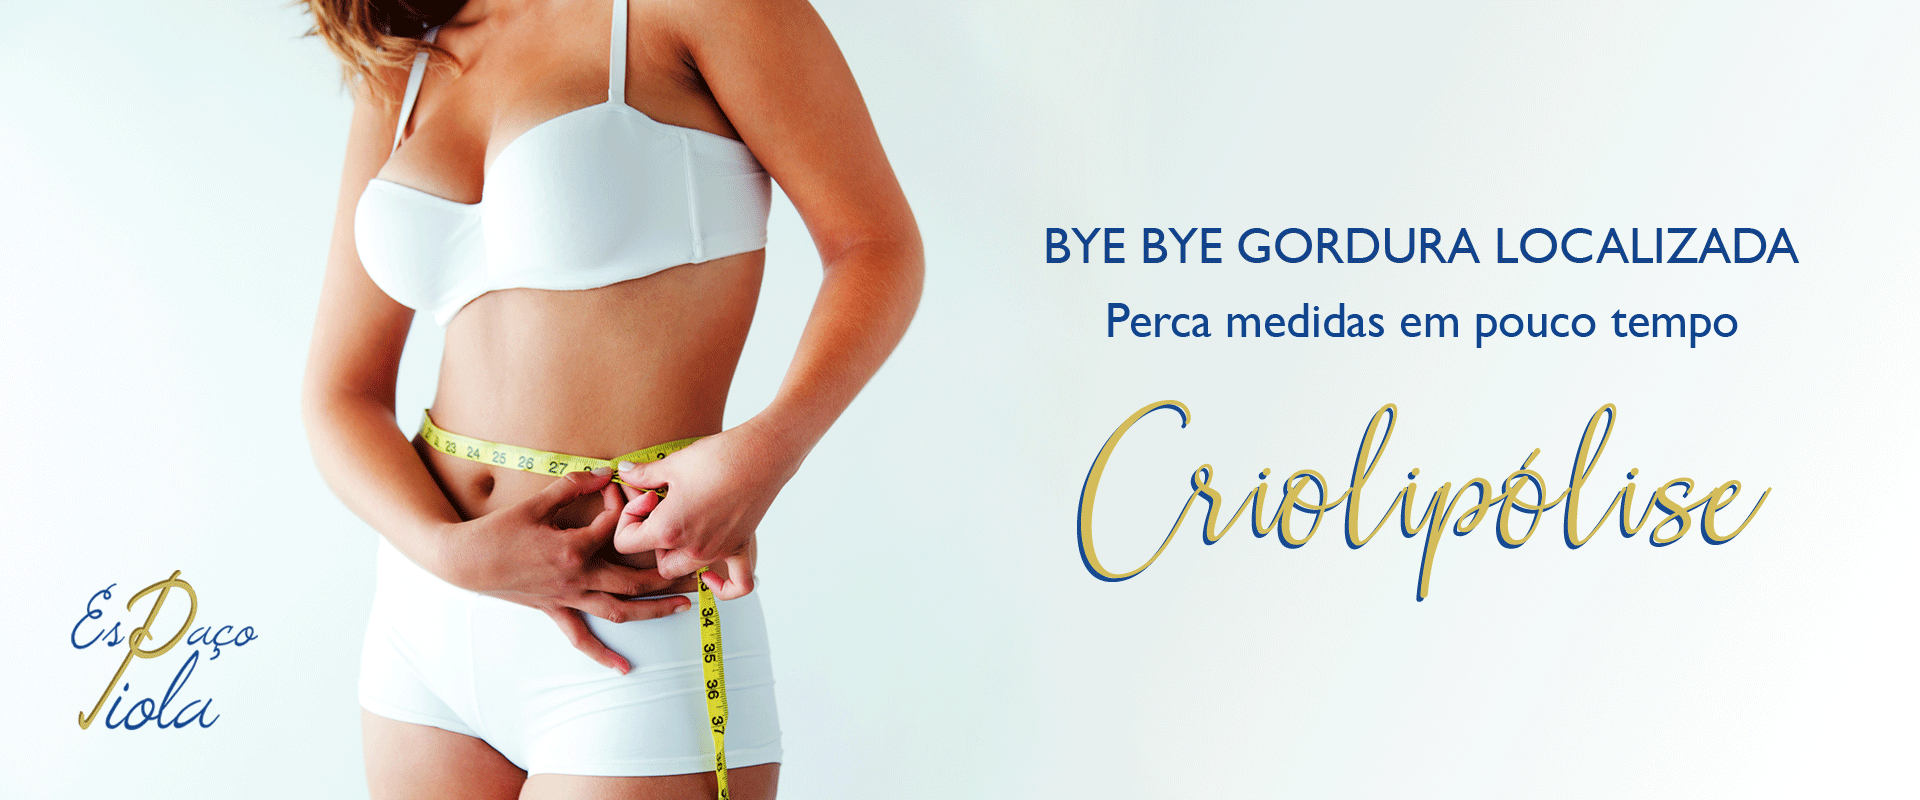 Criolipolise para gordura localizada